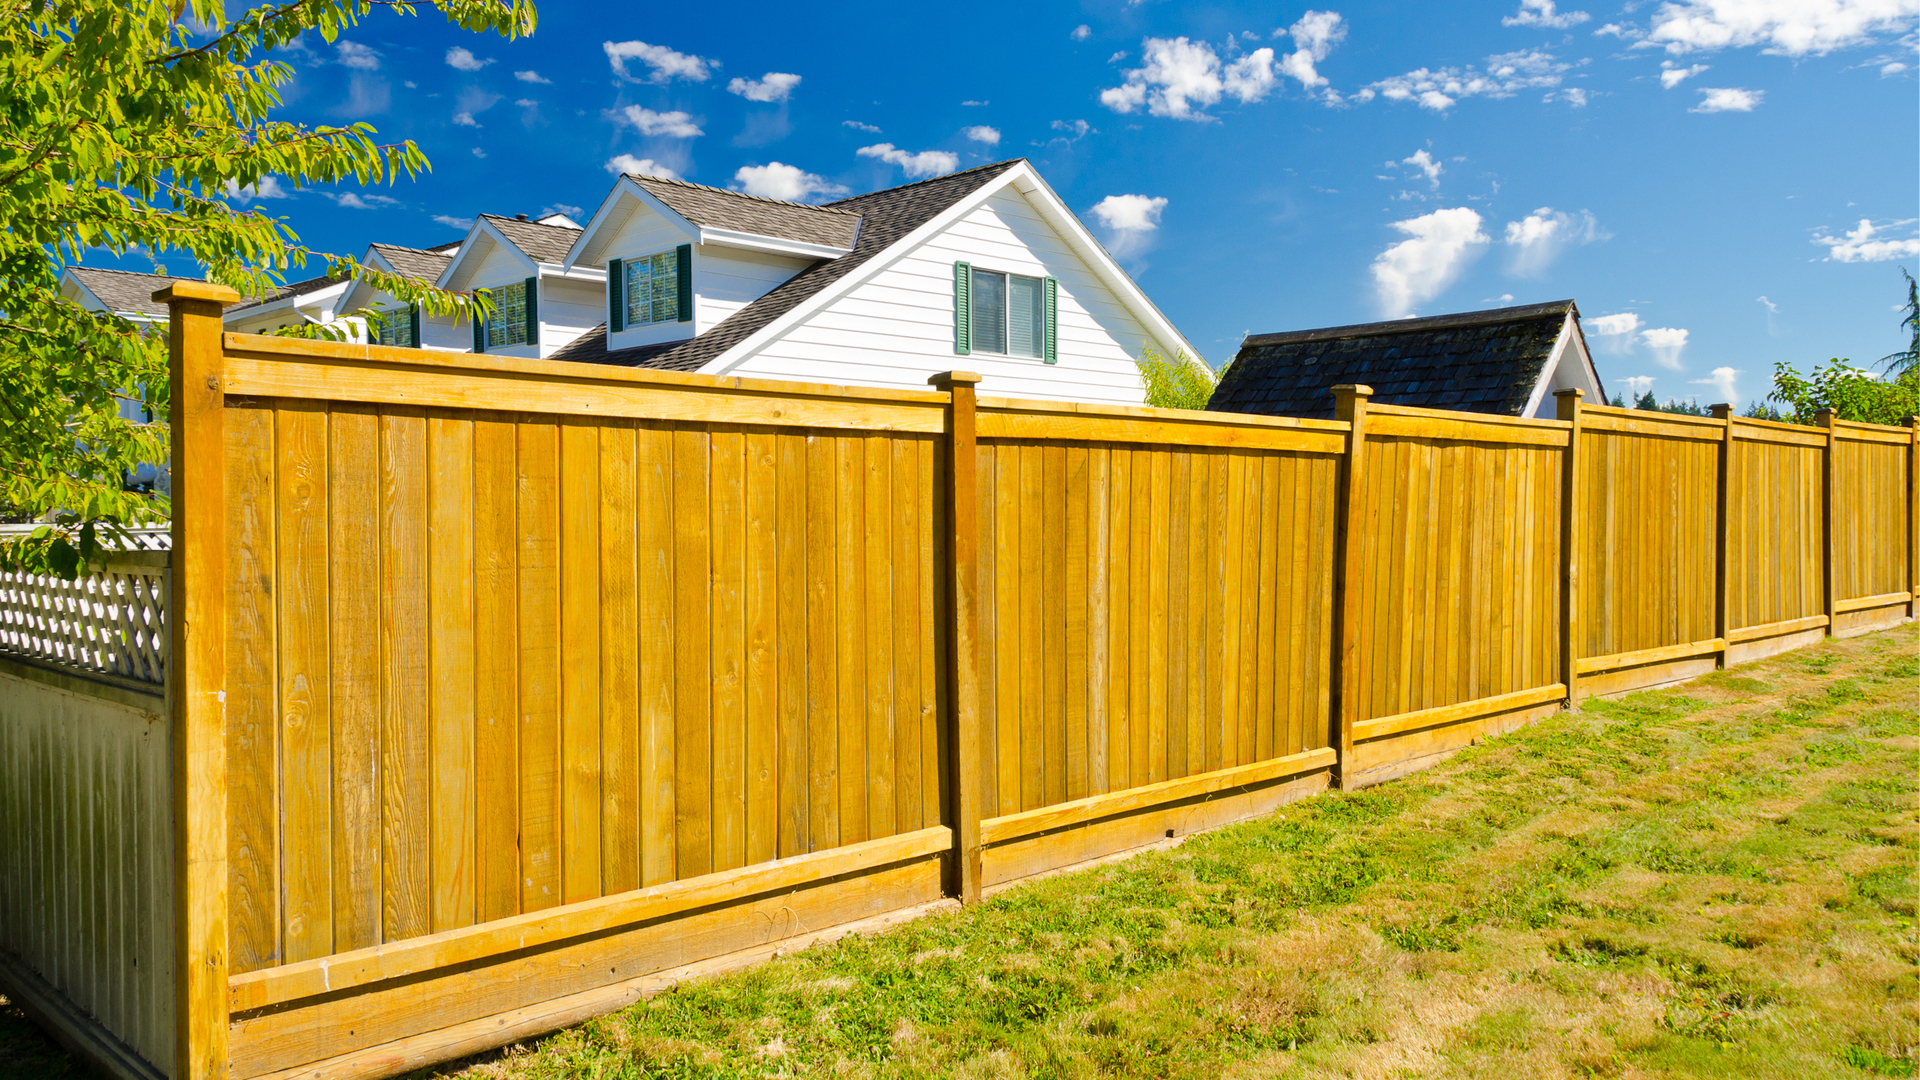 Conseils Et Critères Pour Choisir Une Jolie Clôture De Jardin pour Barriere Pour Cloture Jardin